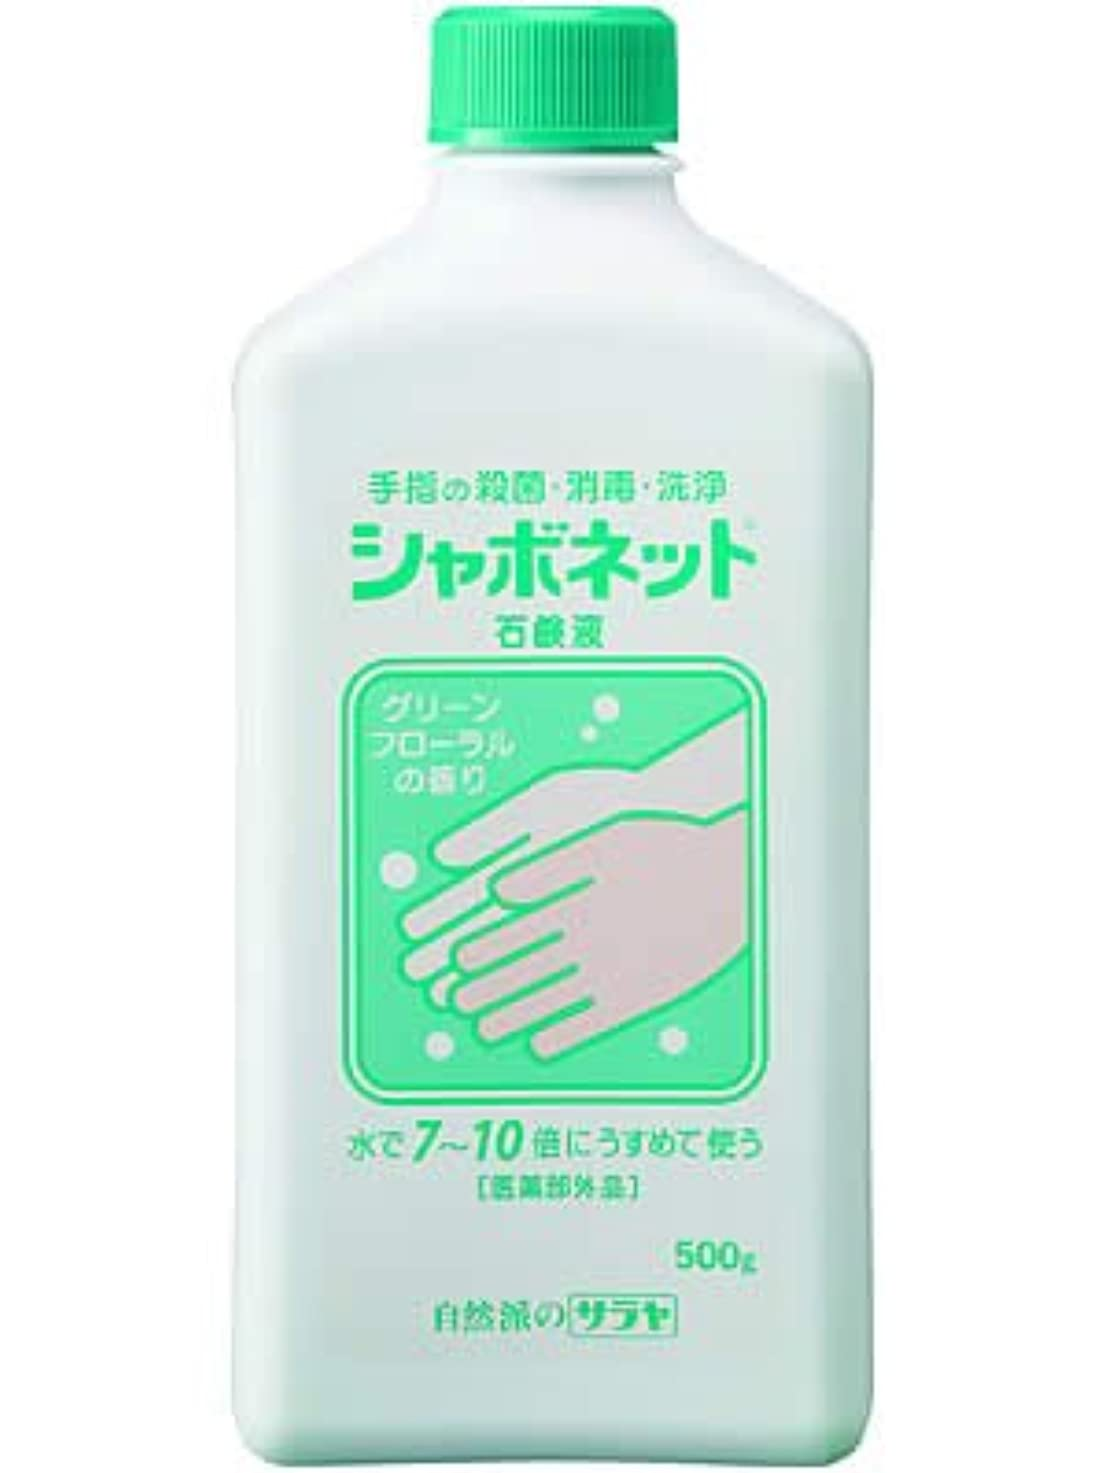 許容できるマーガレットミッチェル概してシャボネット 石鹸液 500g ×10個セット